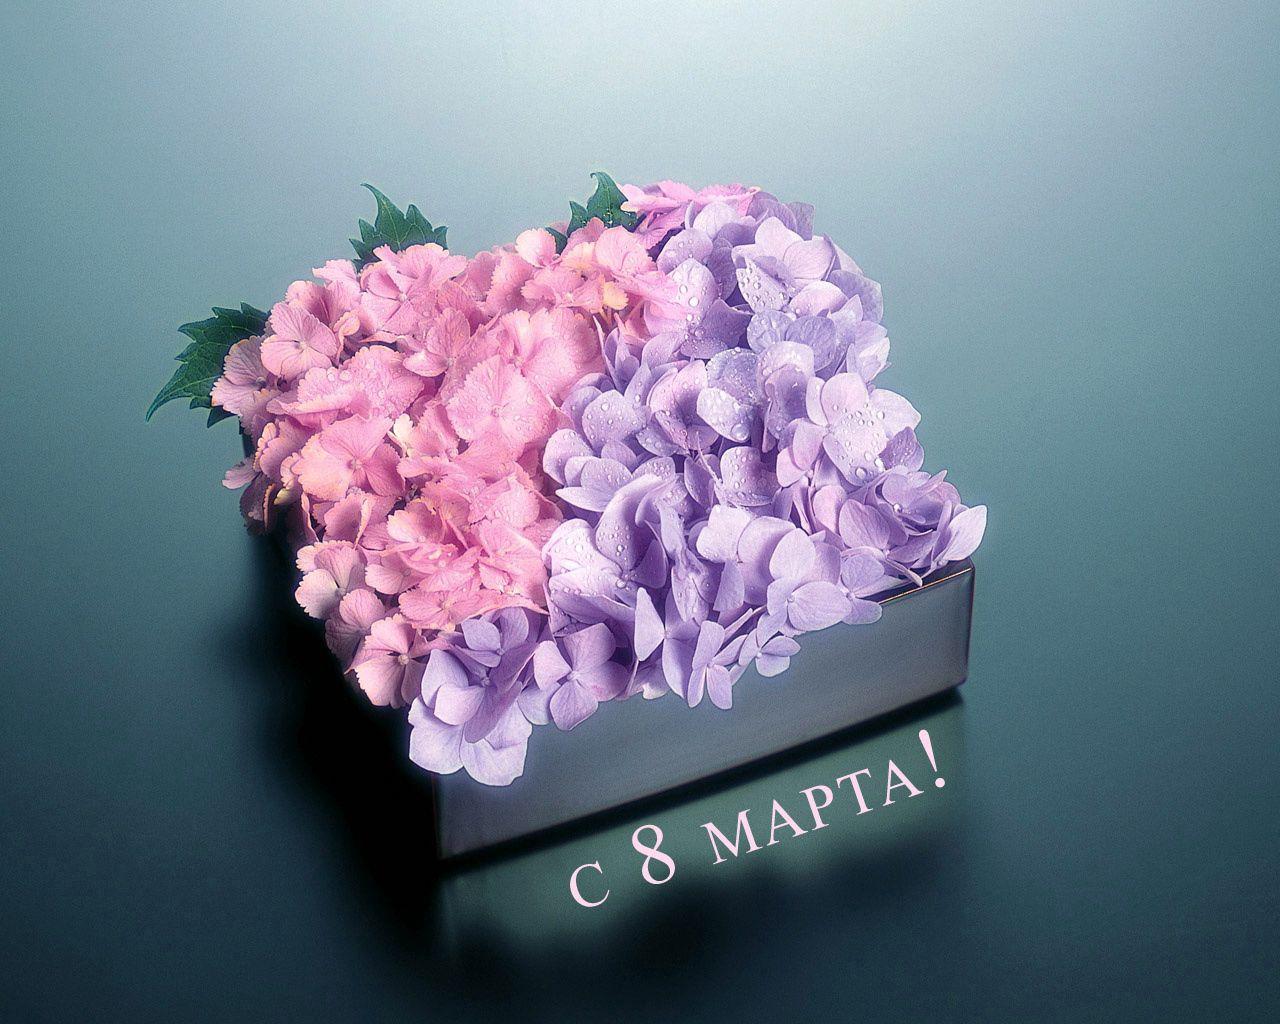 99797 скачать обои Цветы, Коробка, Поздравления, Праздник, Листья, Капли - заставки и картинки бесплатно